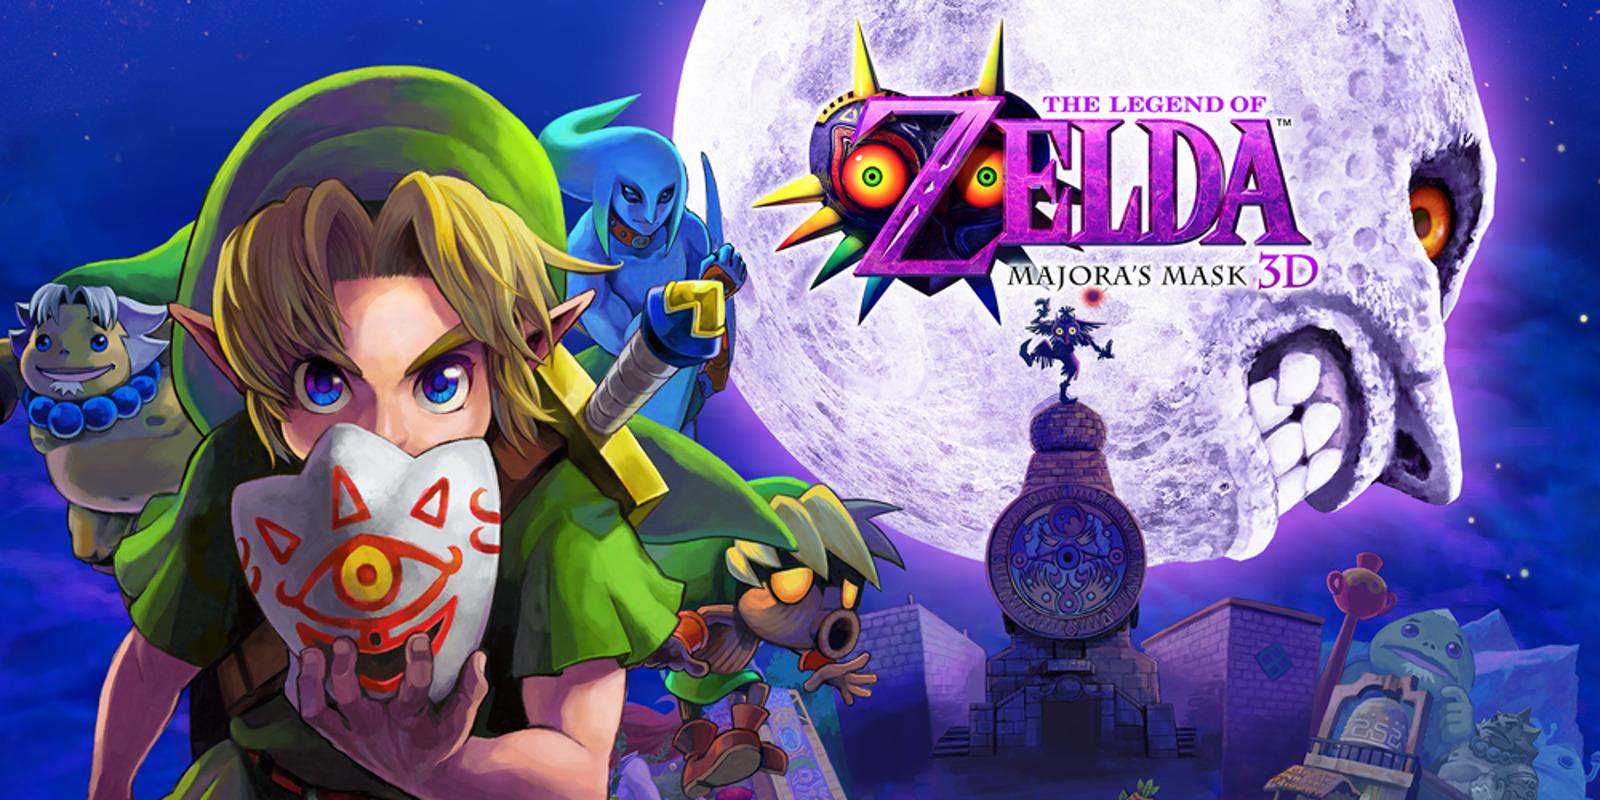 Zelda Majora's Mask (nintendo-de)